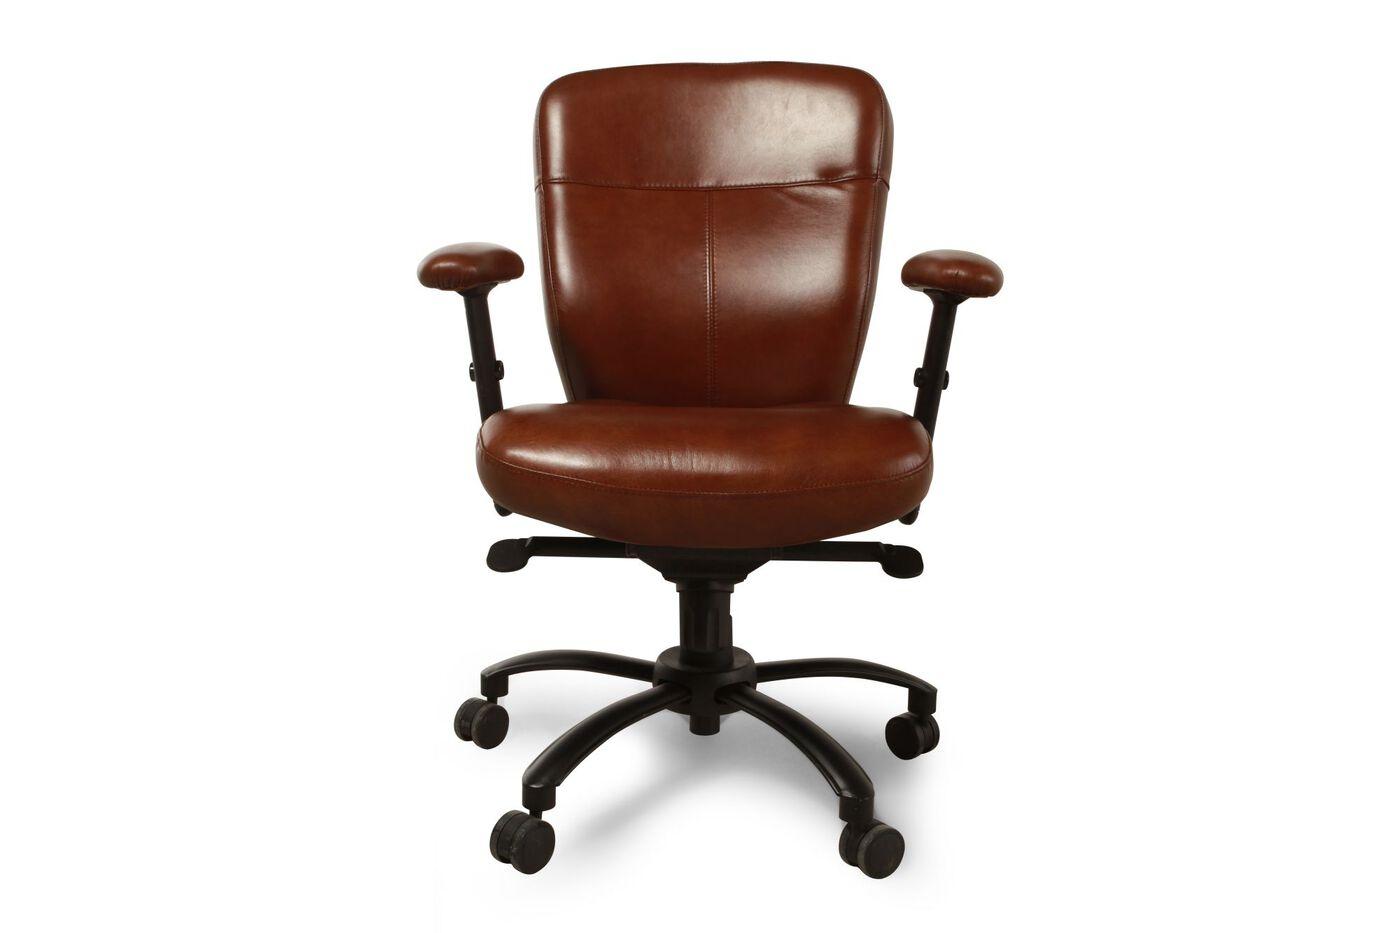 Leather Ergonomic Swivel Tilt Desk Chair in Brown | Mathis ...